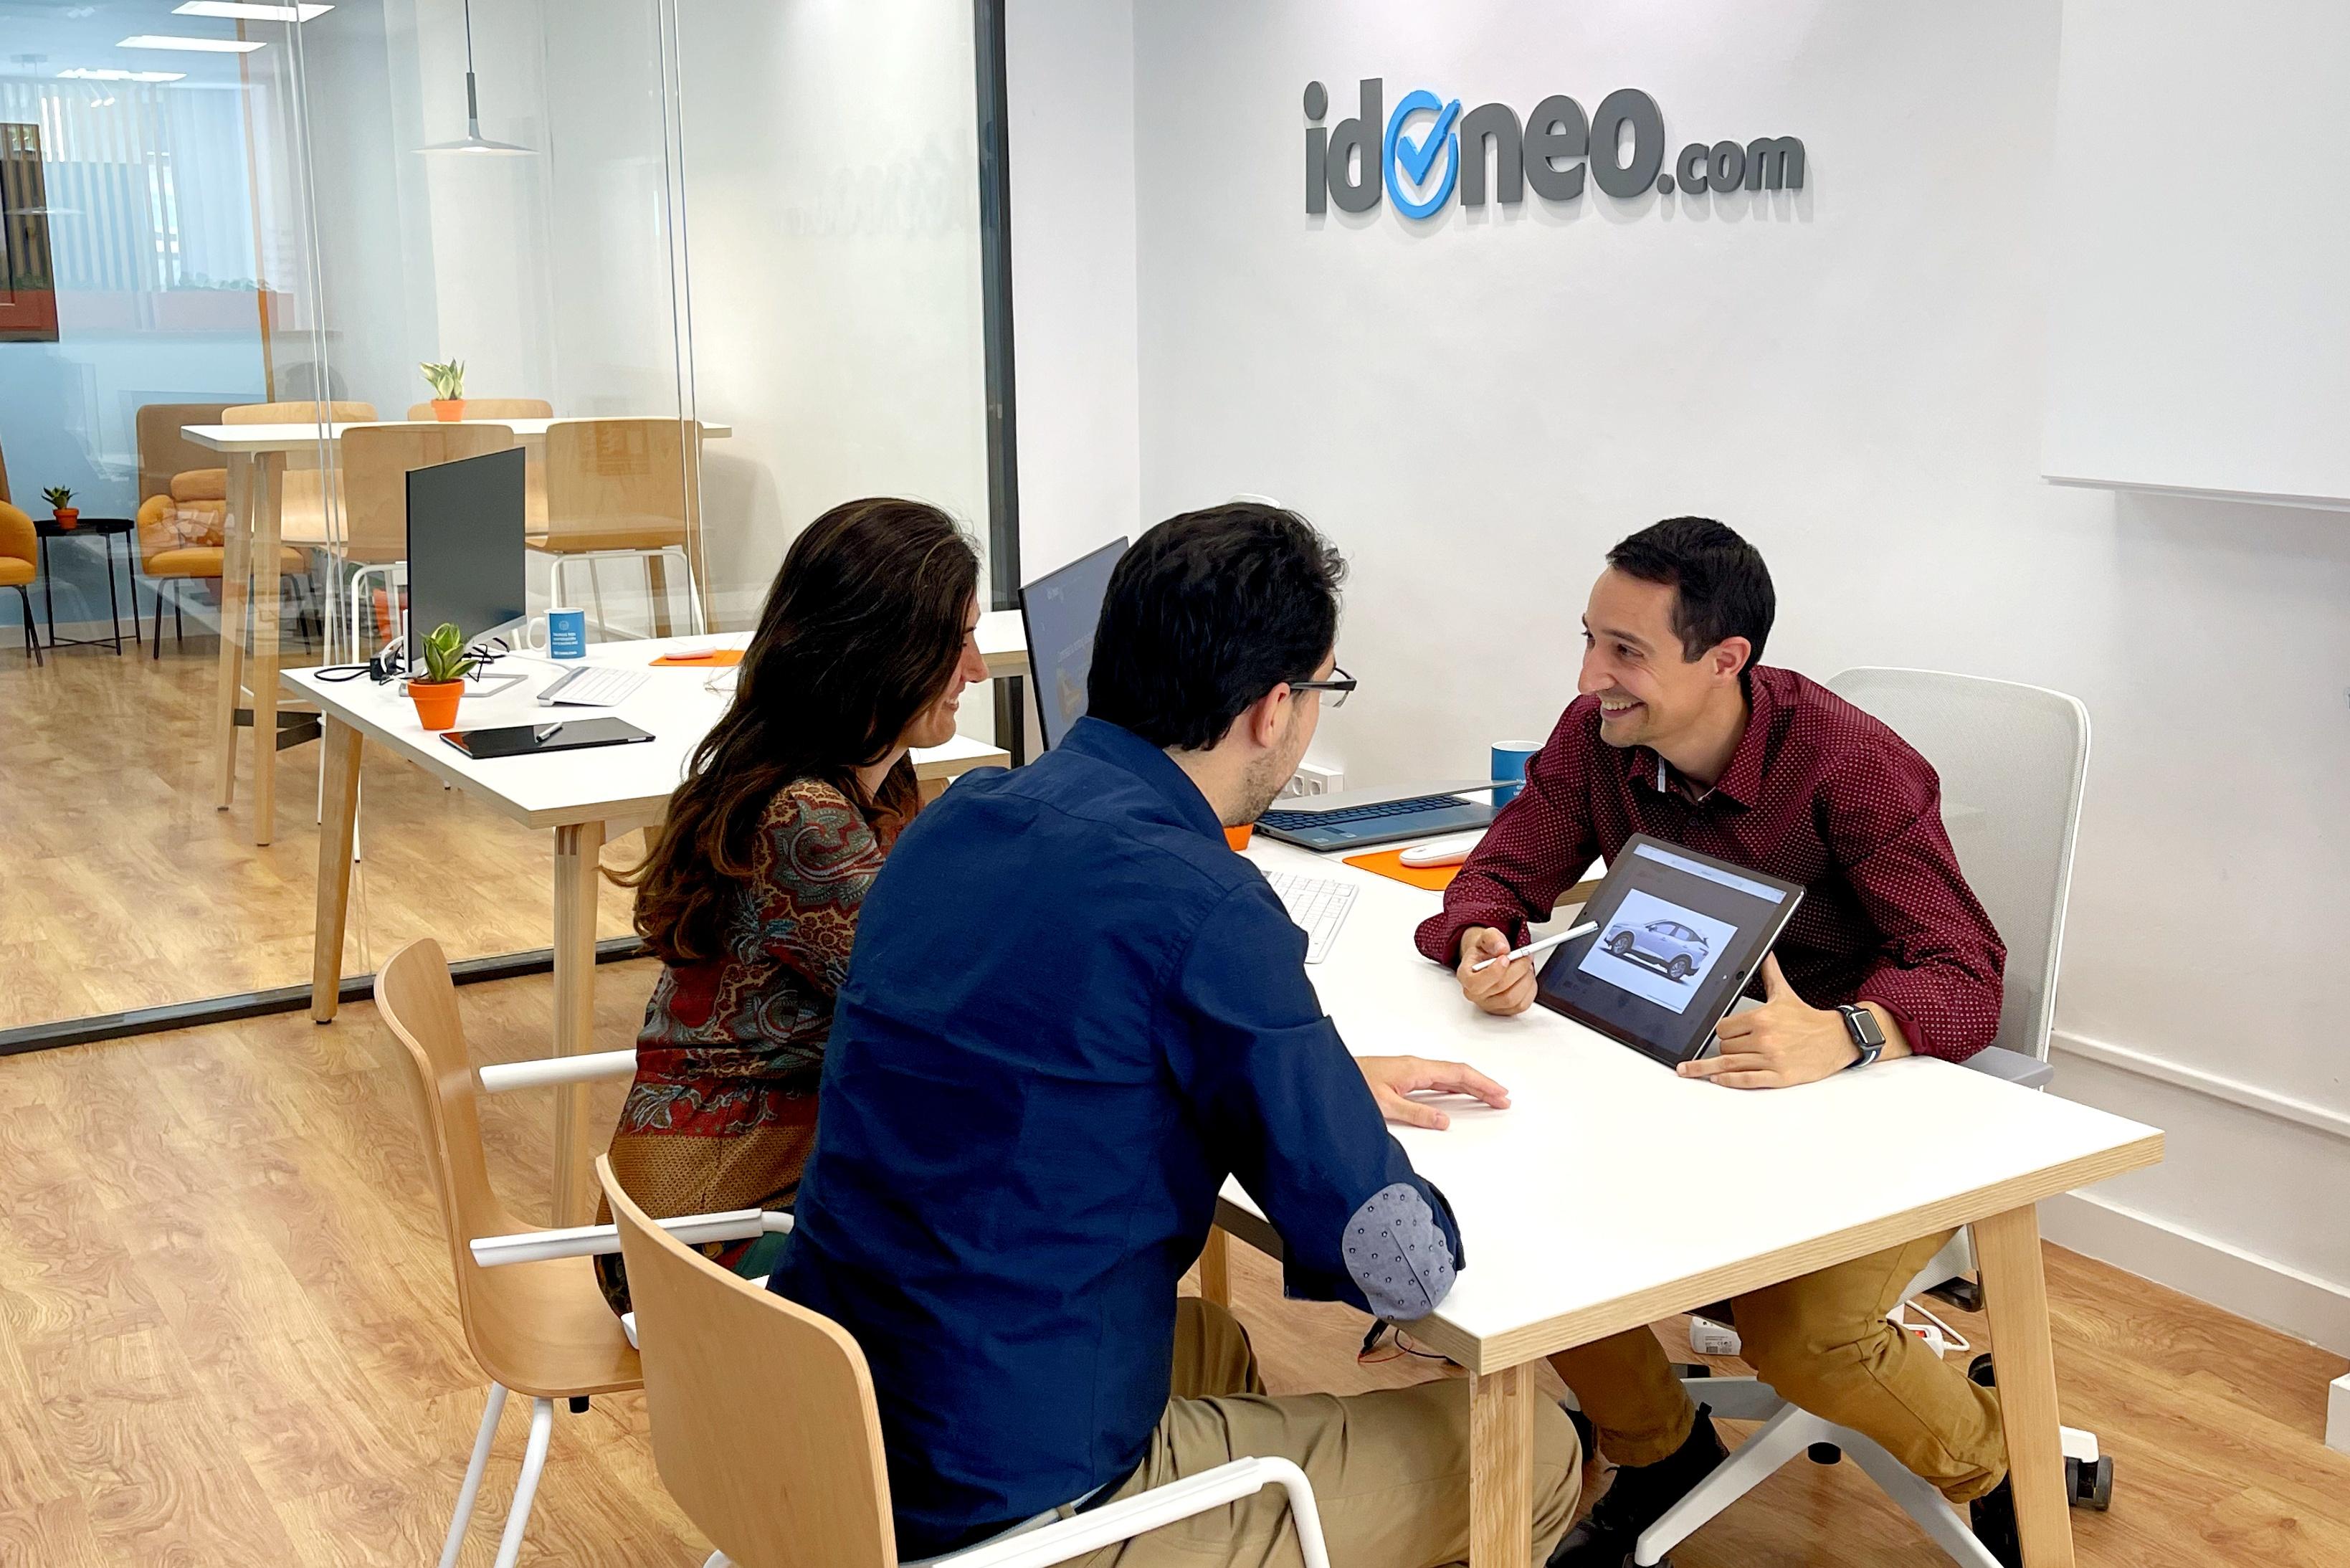 """Idoneo.com lanza la primera tienda """"phygital"""" del sector de la automoción"""